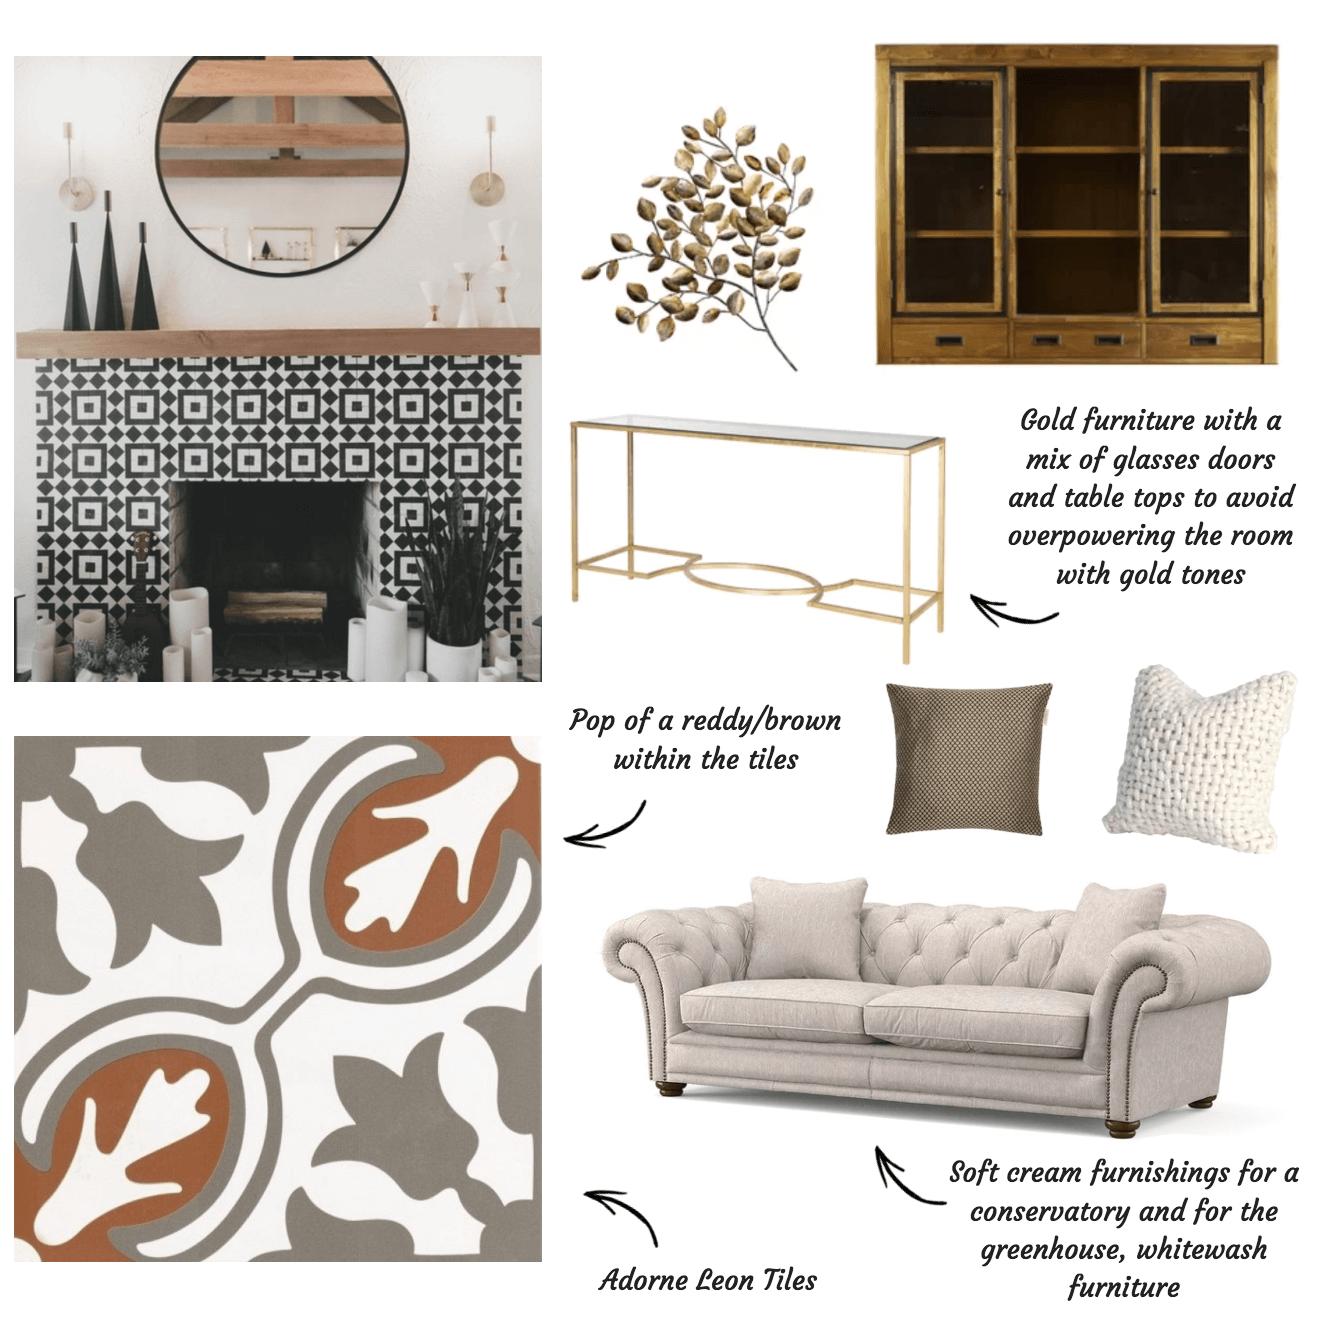 Adorne Leon Tiles from Tile Giant